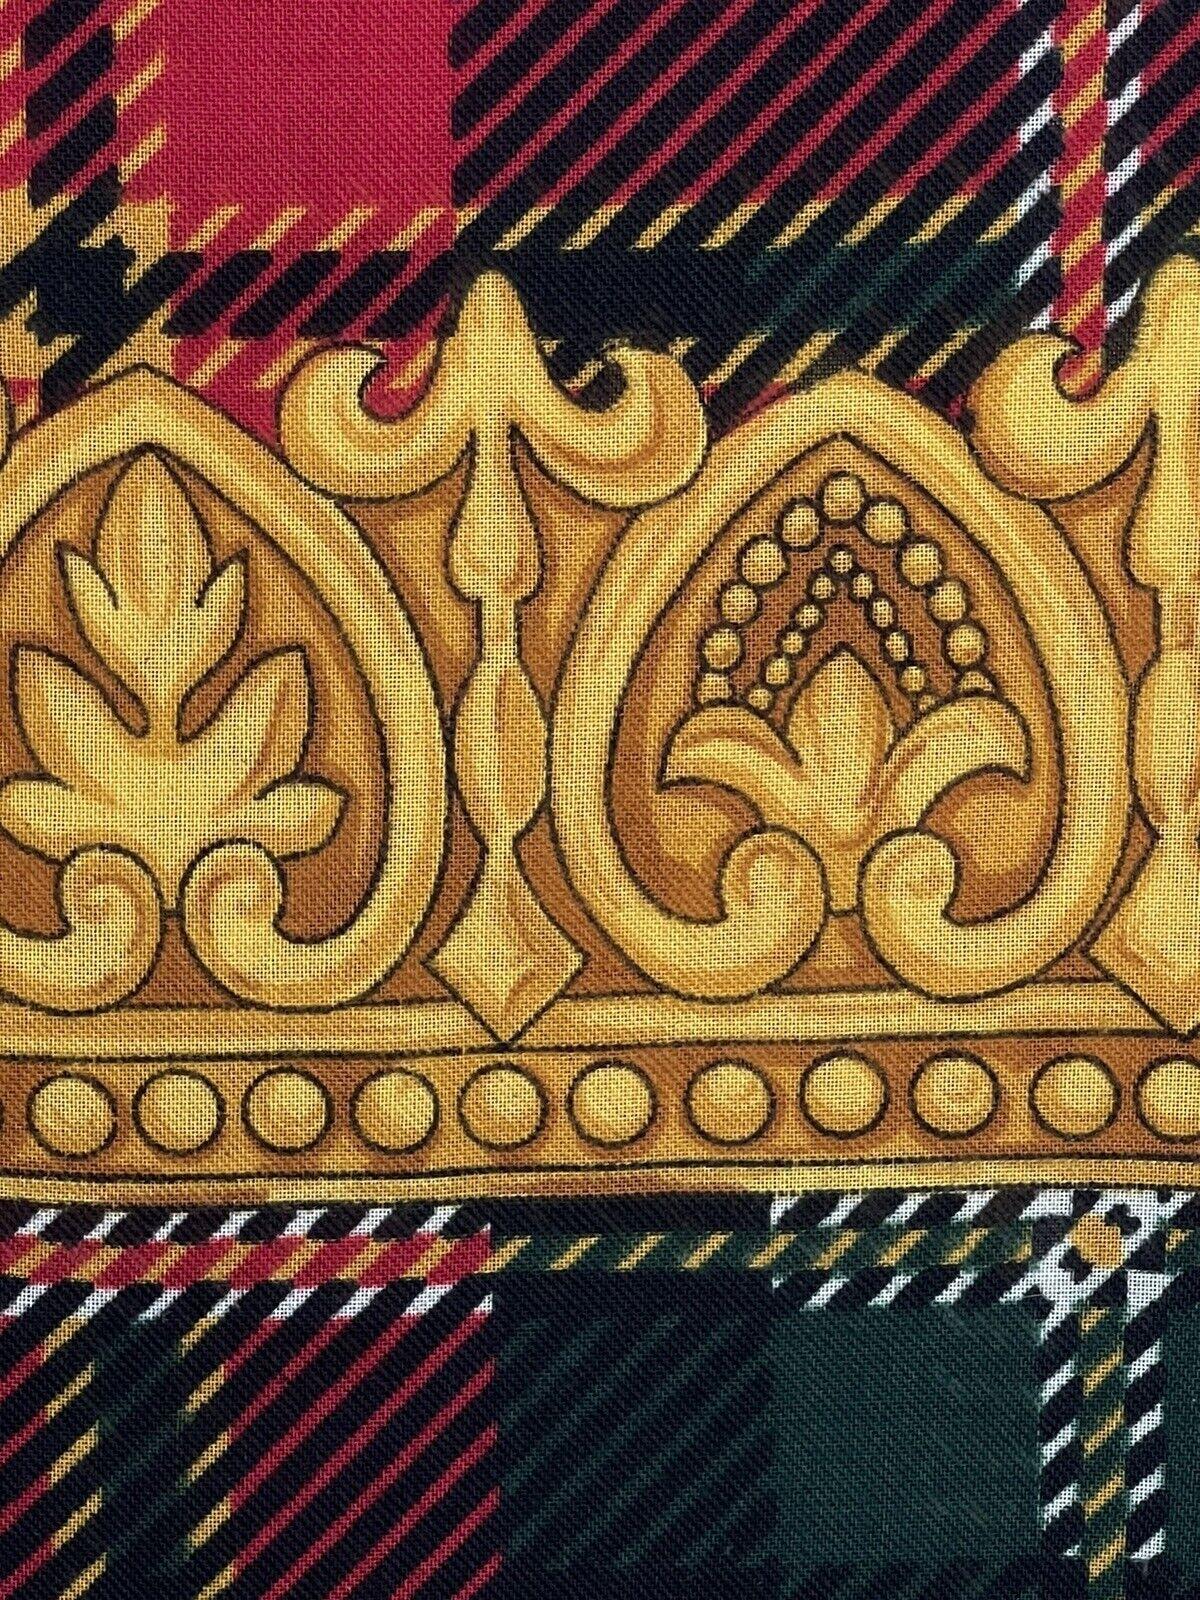 Vintage Tartan Baroque Gold Frame Print Scarf Red… - image 3